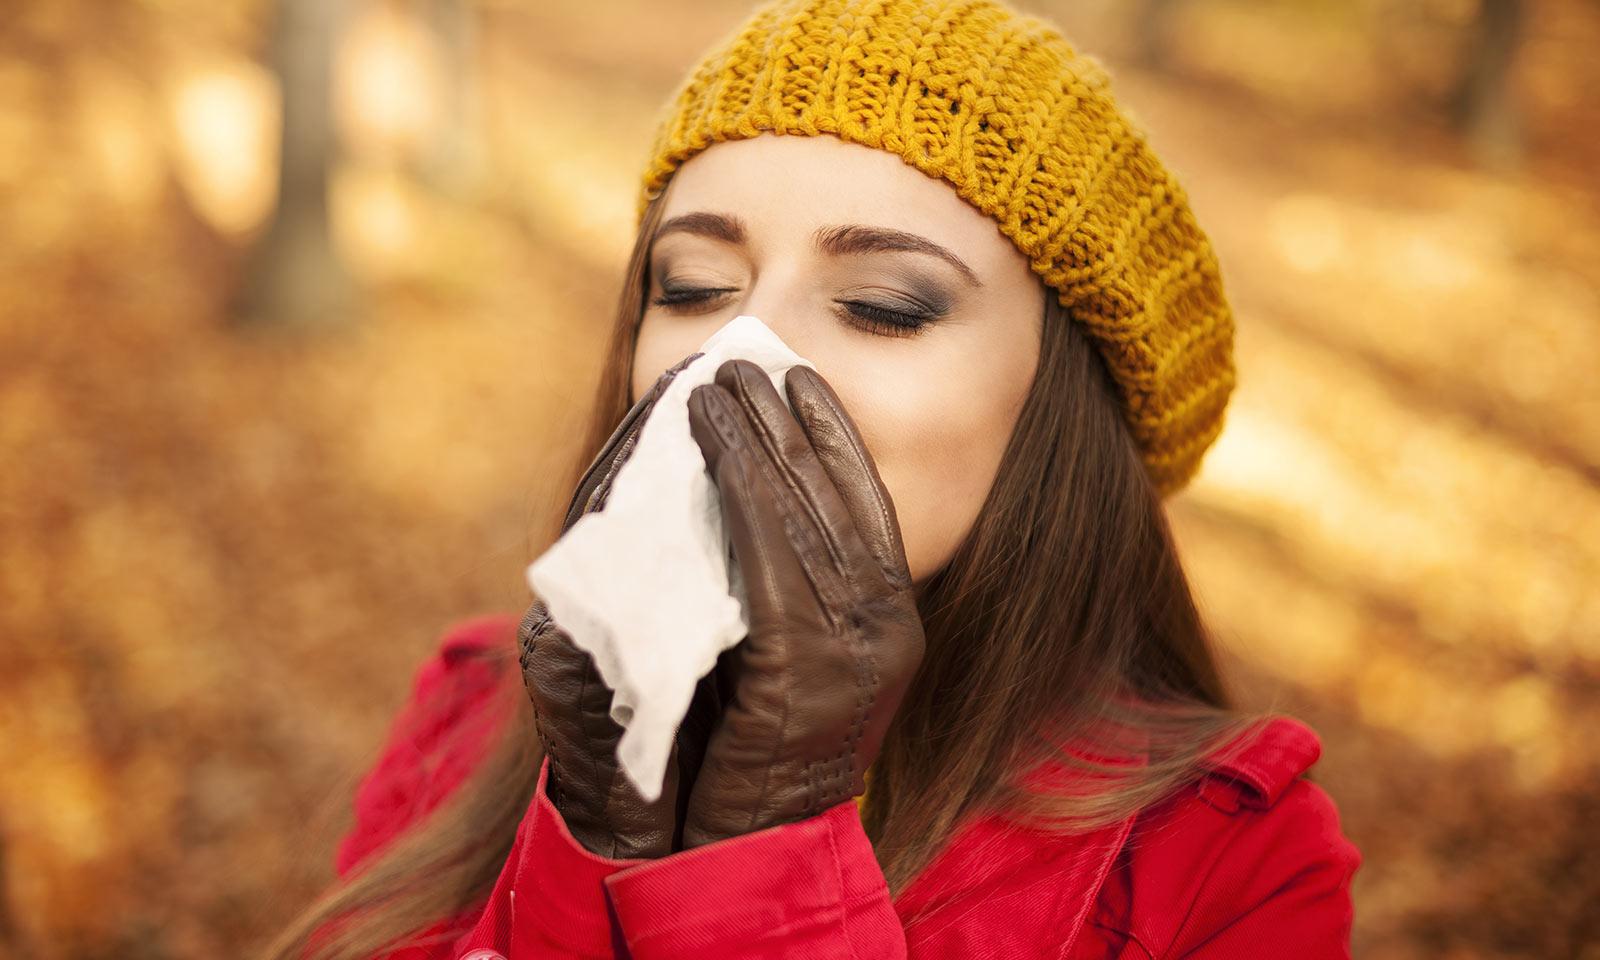 7-useful-tips-for-avoiding-cold-viruses